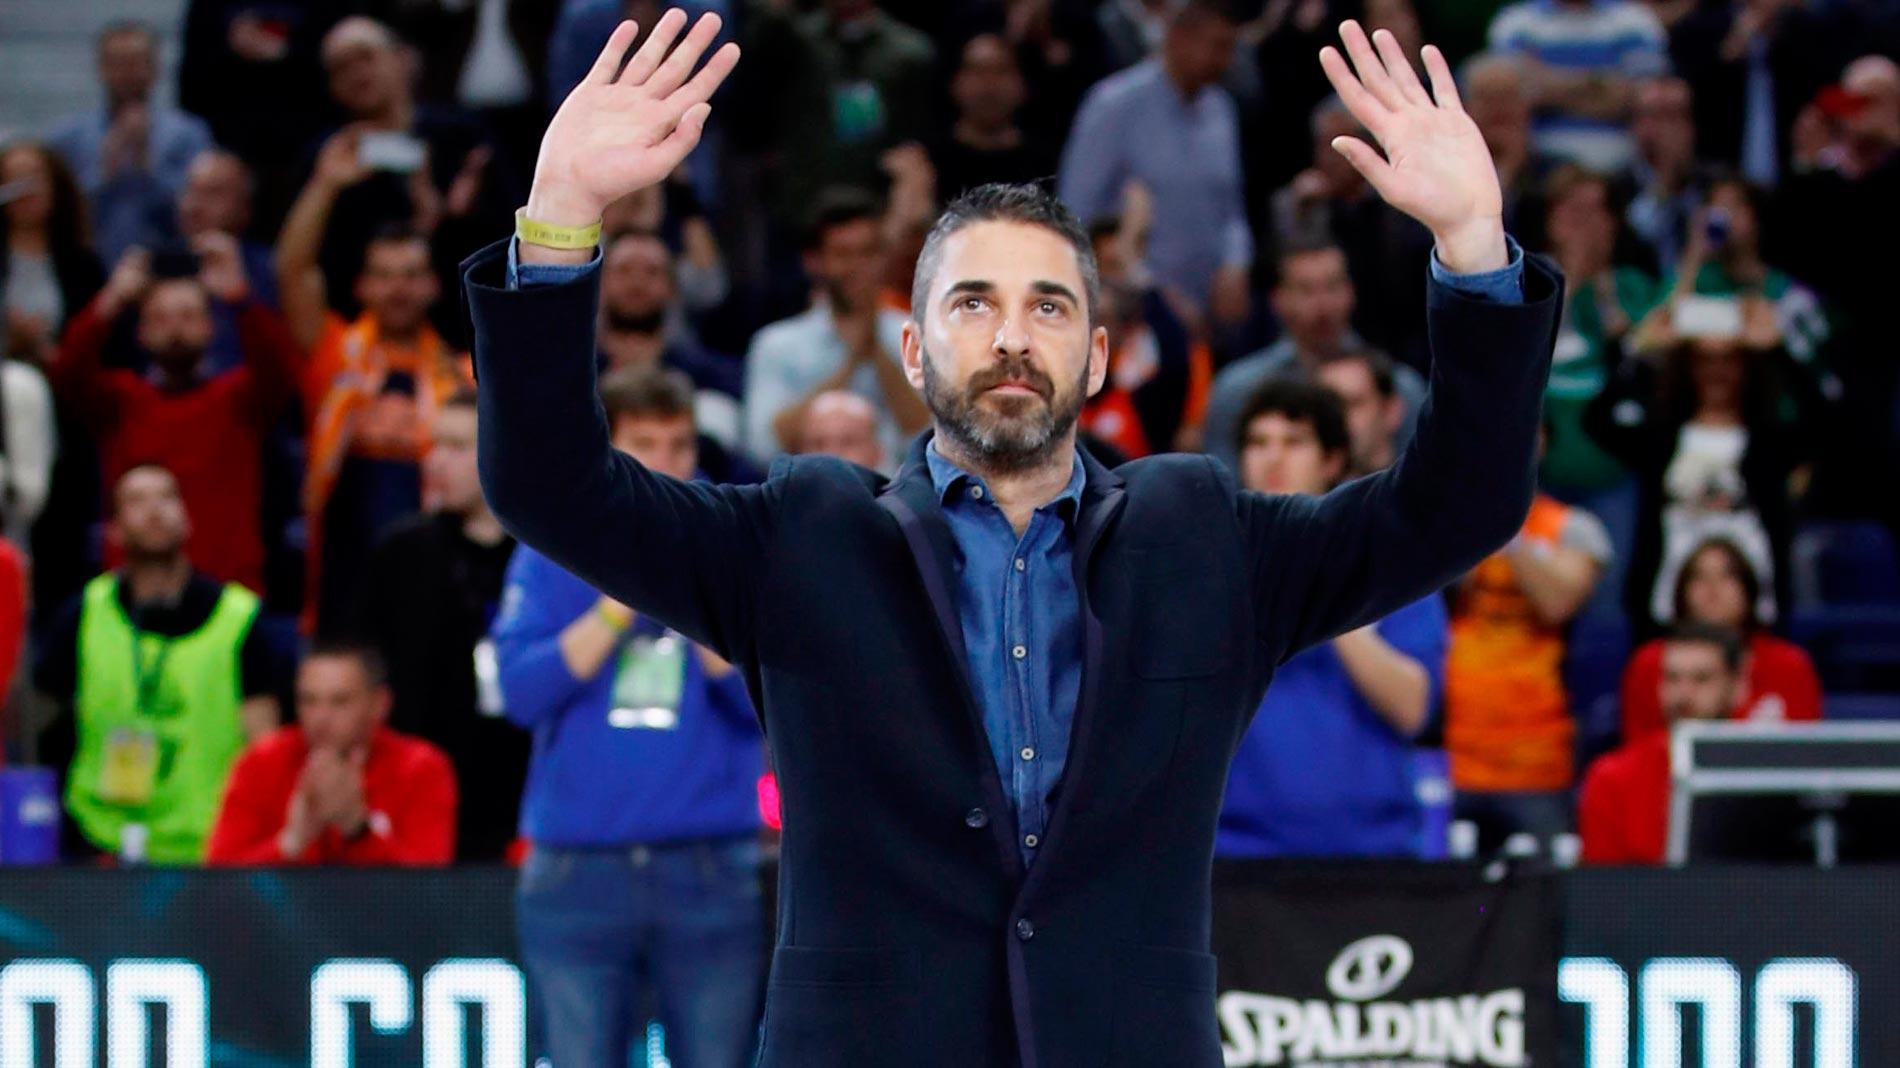 Ir al VideoEl Barça retirará el '11' de Navarro antes del Clásico